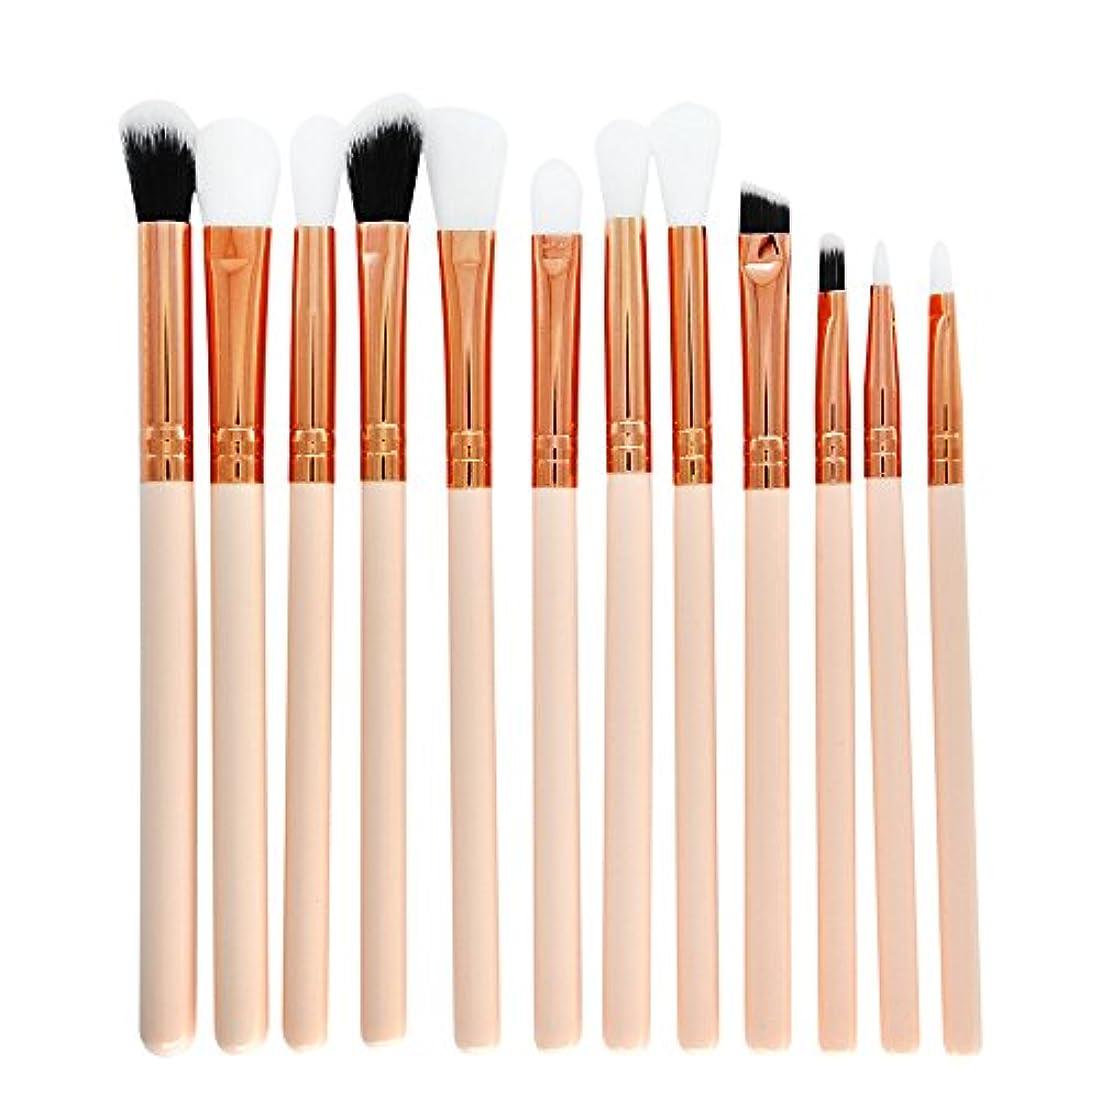 ランプ言い直すメトリック12 本セット化粧筆   メイクアップブラシセット アイシャドウメイクブラシ  コスメチック化粧ブラシキットビューティーツール (ホワイト)